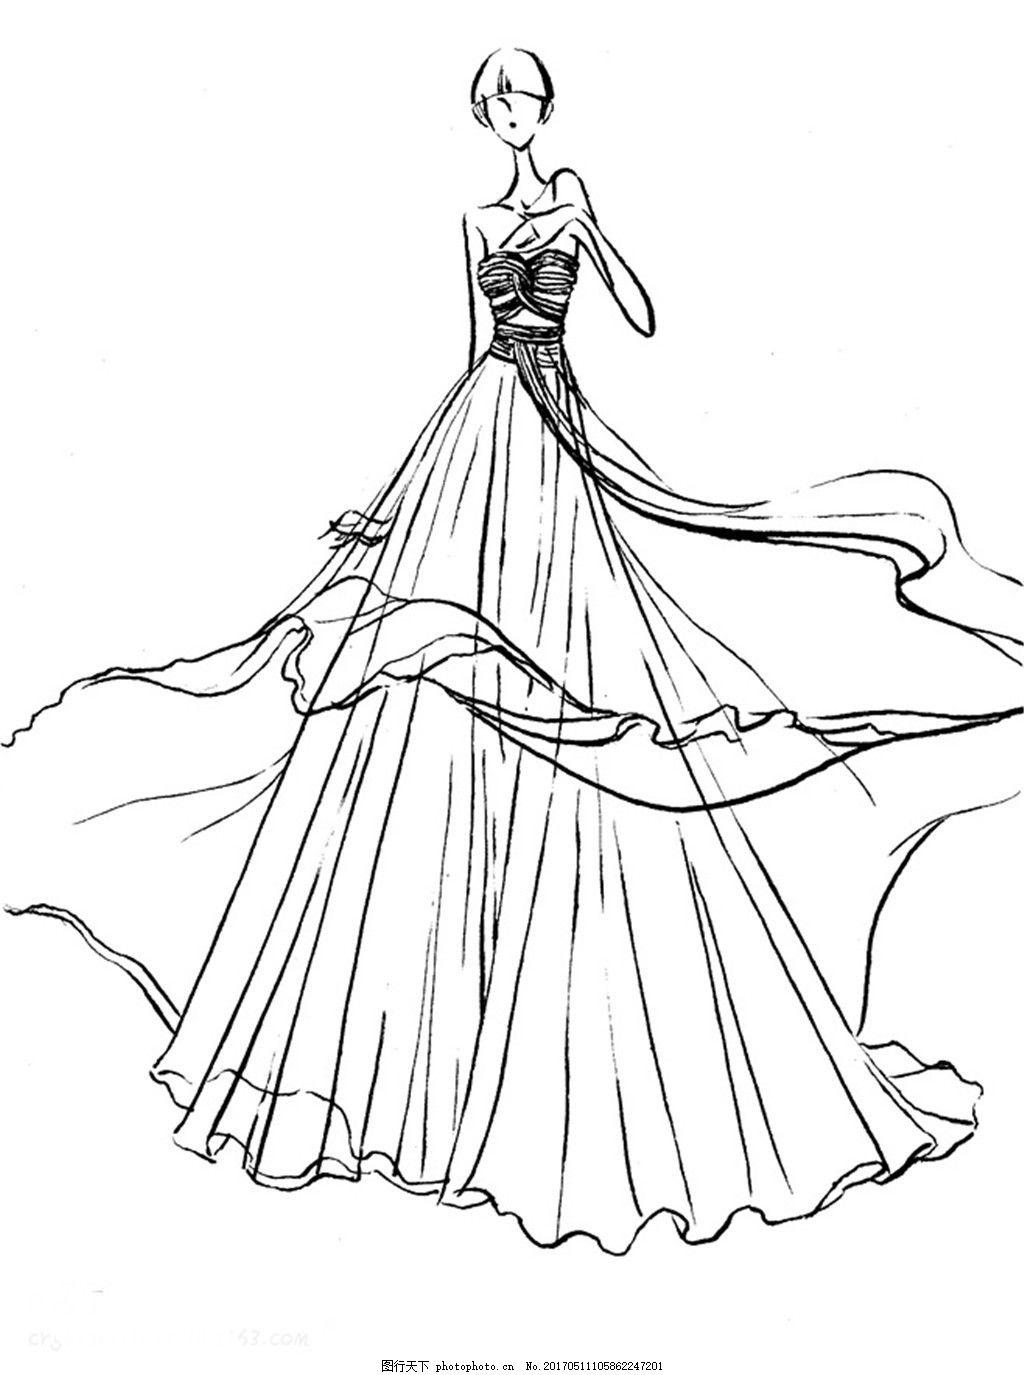 休闲婚纱设计图 时尚女装 职业女装 女装设计效果图 短裙 服装图片